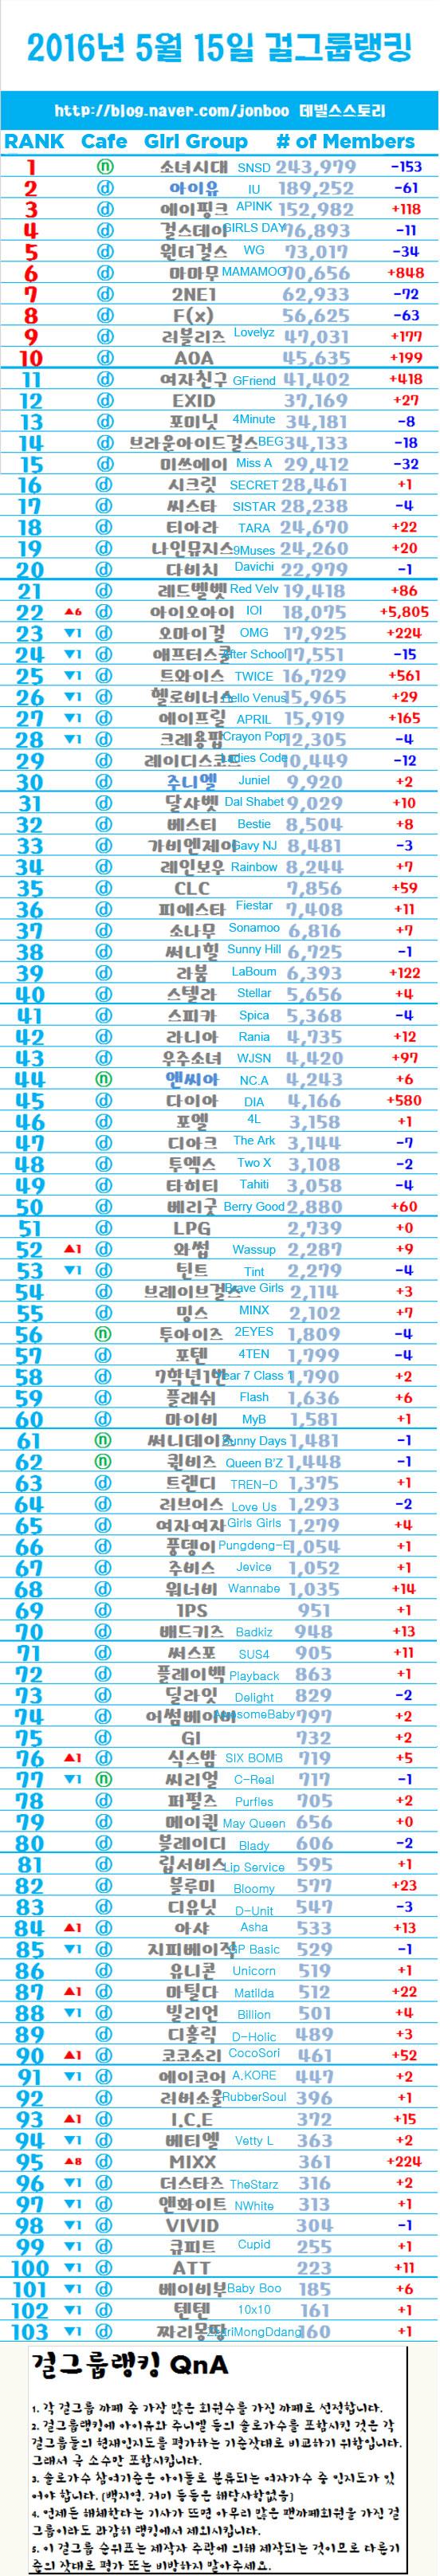 【2016年最新情報】「KPOP」男女人気グループランキング一覧【韓国】